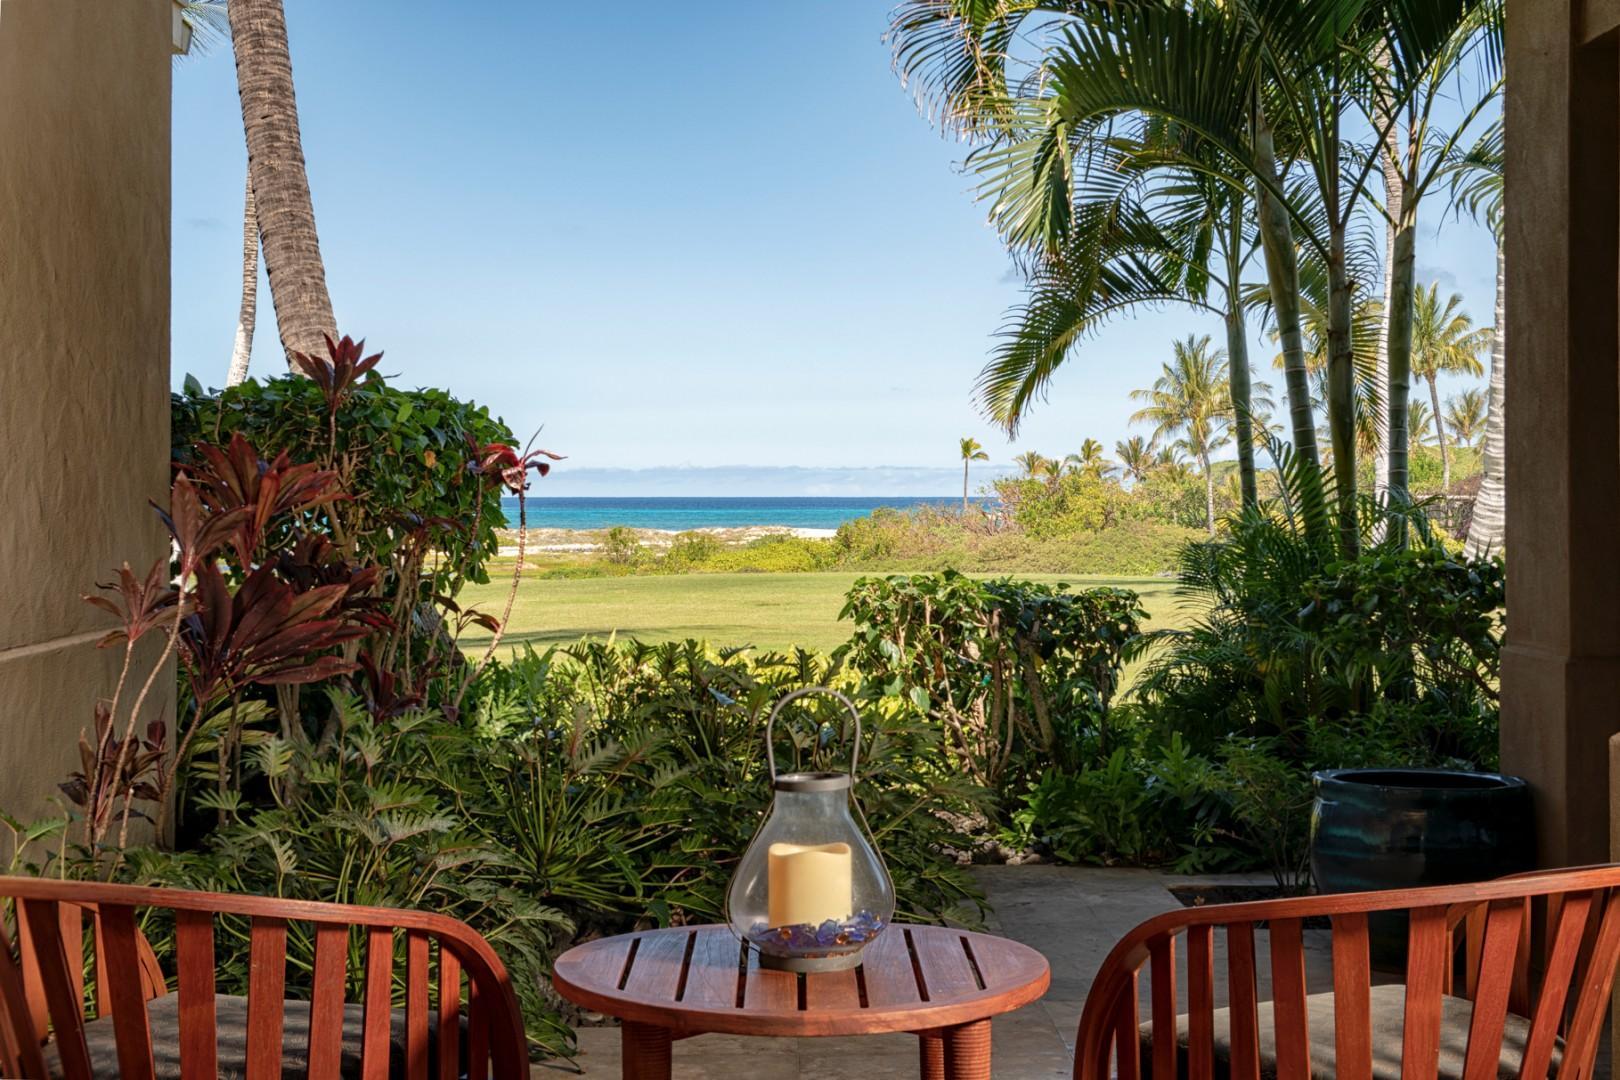 Master lanai w/ocean view & tropical foliage